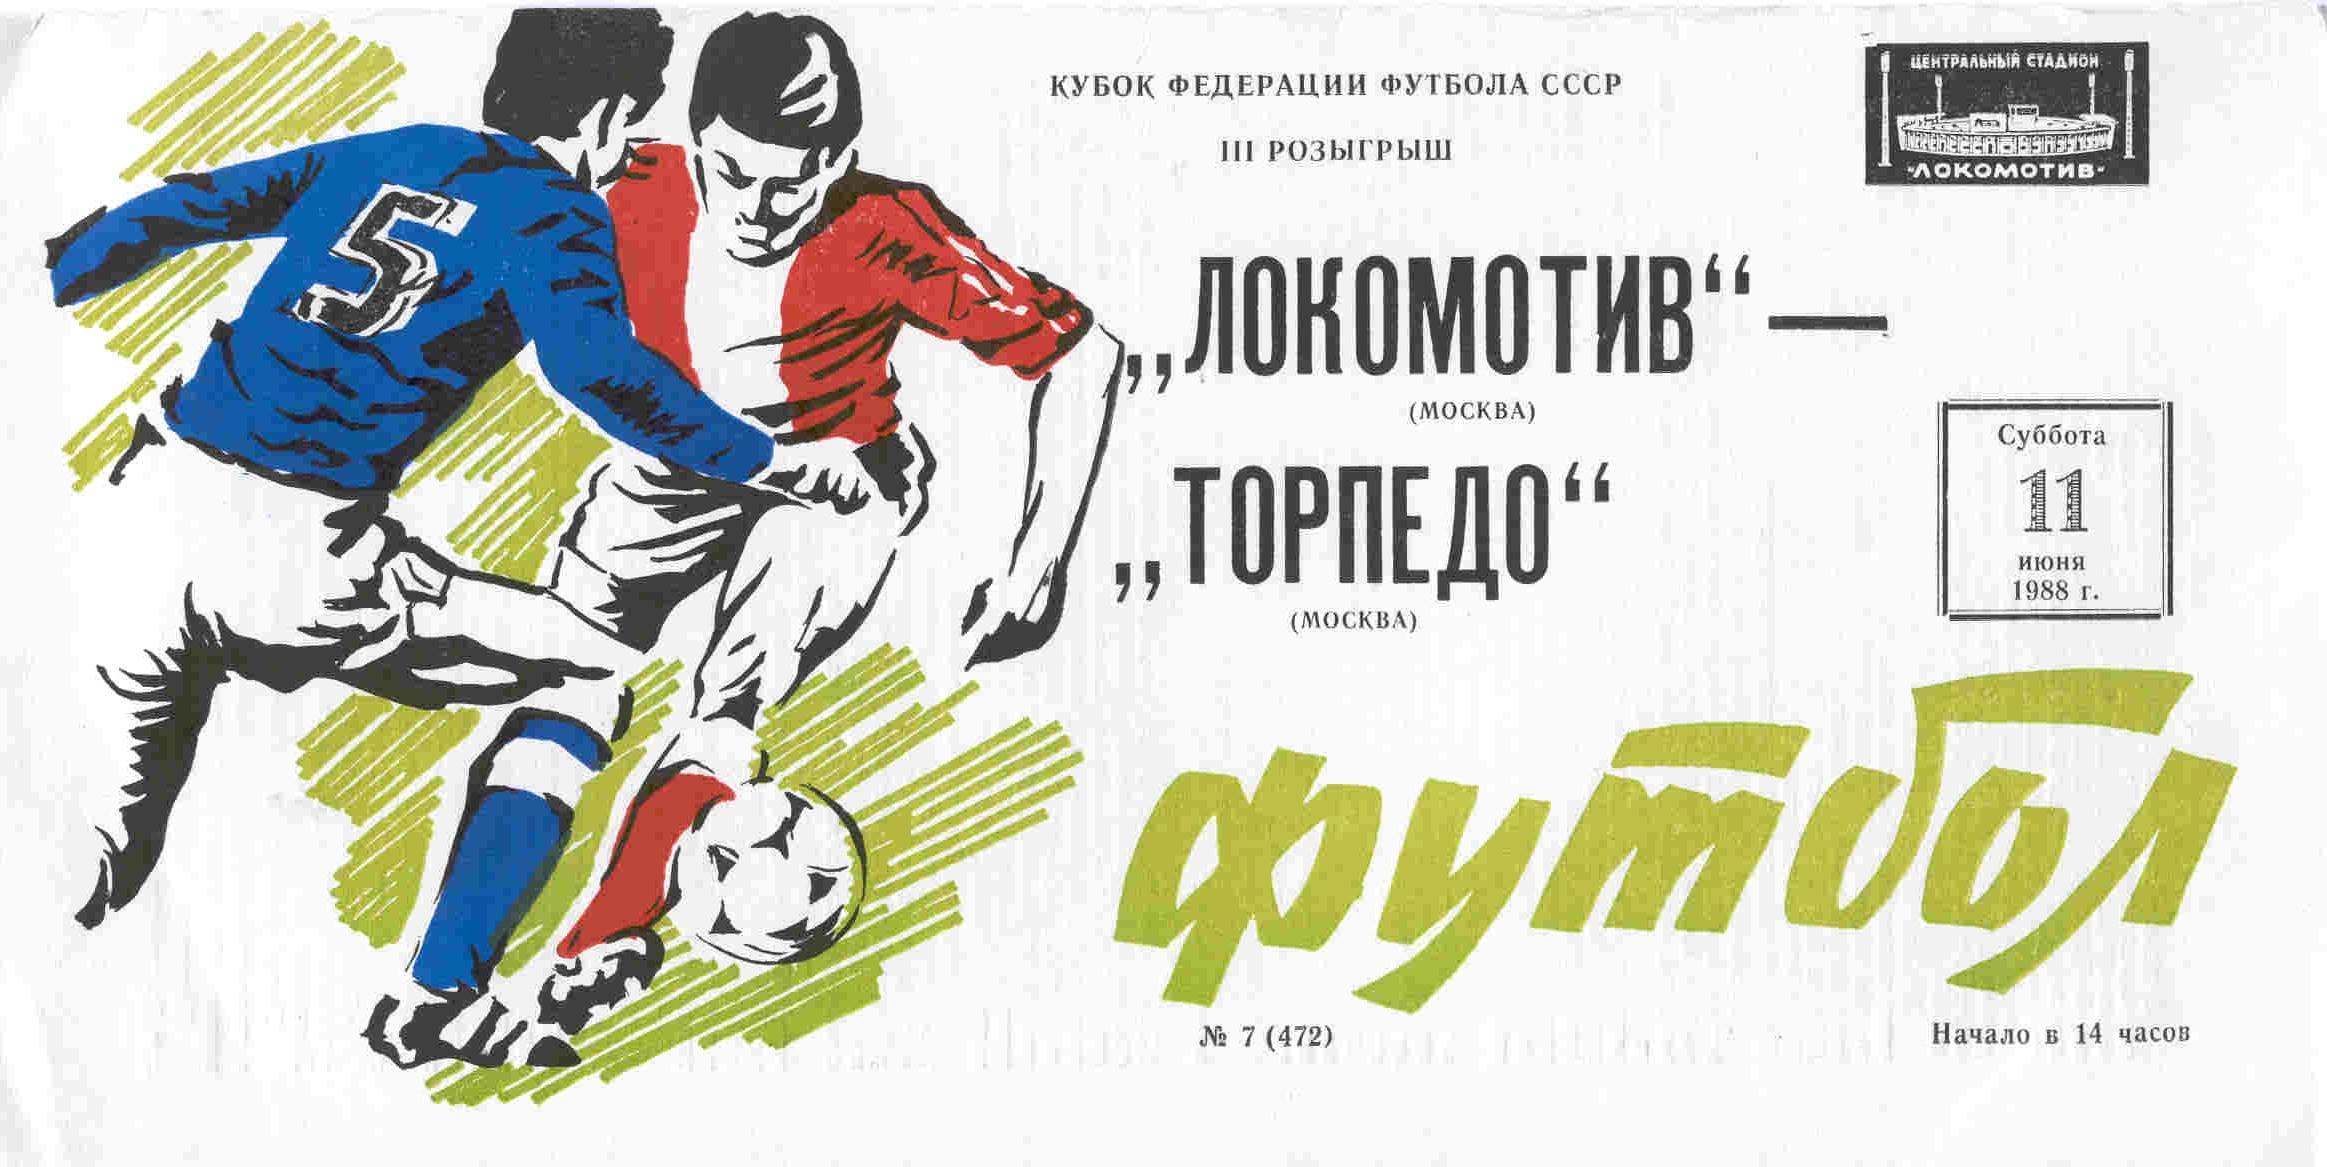 Локомотив (Москва) - Торпедо (Москва) 1:1